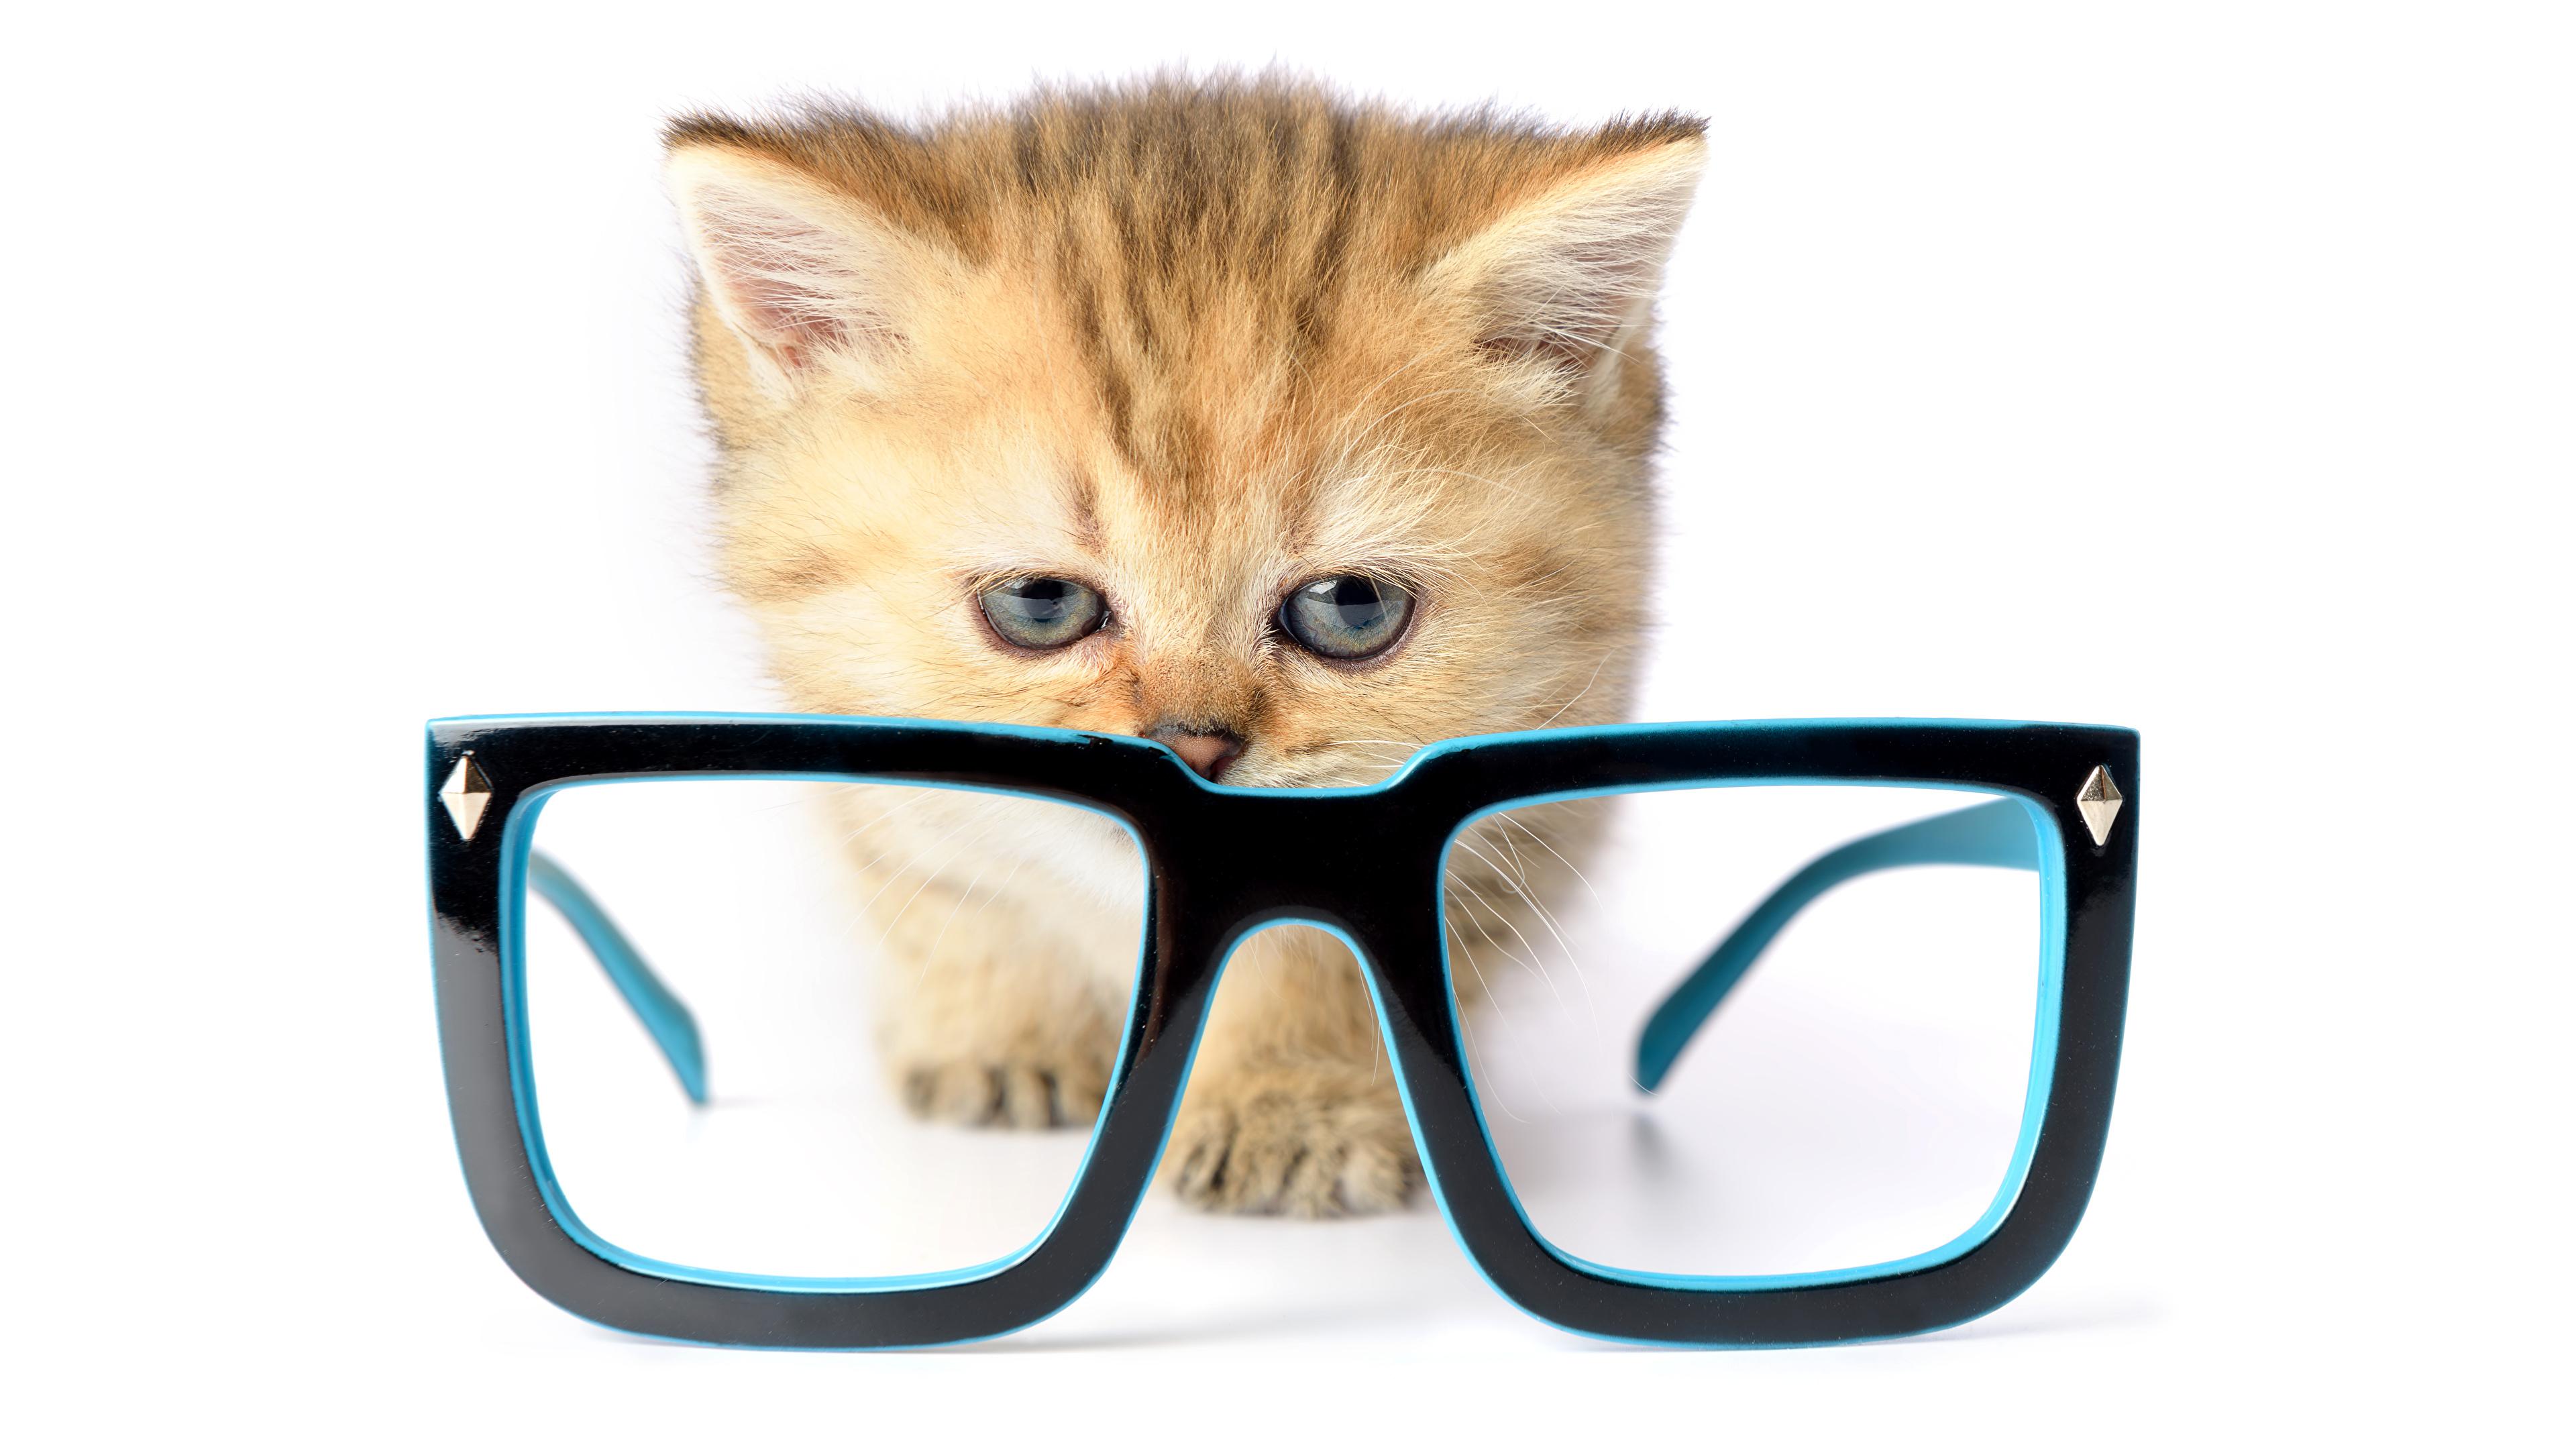 Обои для рабочего стола Котята коты Очки Животные белом фоне 3840x2160 котят котенка котенок кот кошка Кошки очках очков животное Белый фон белым фоном